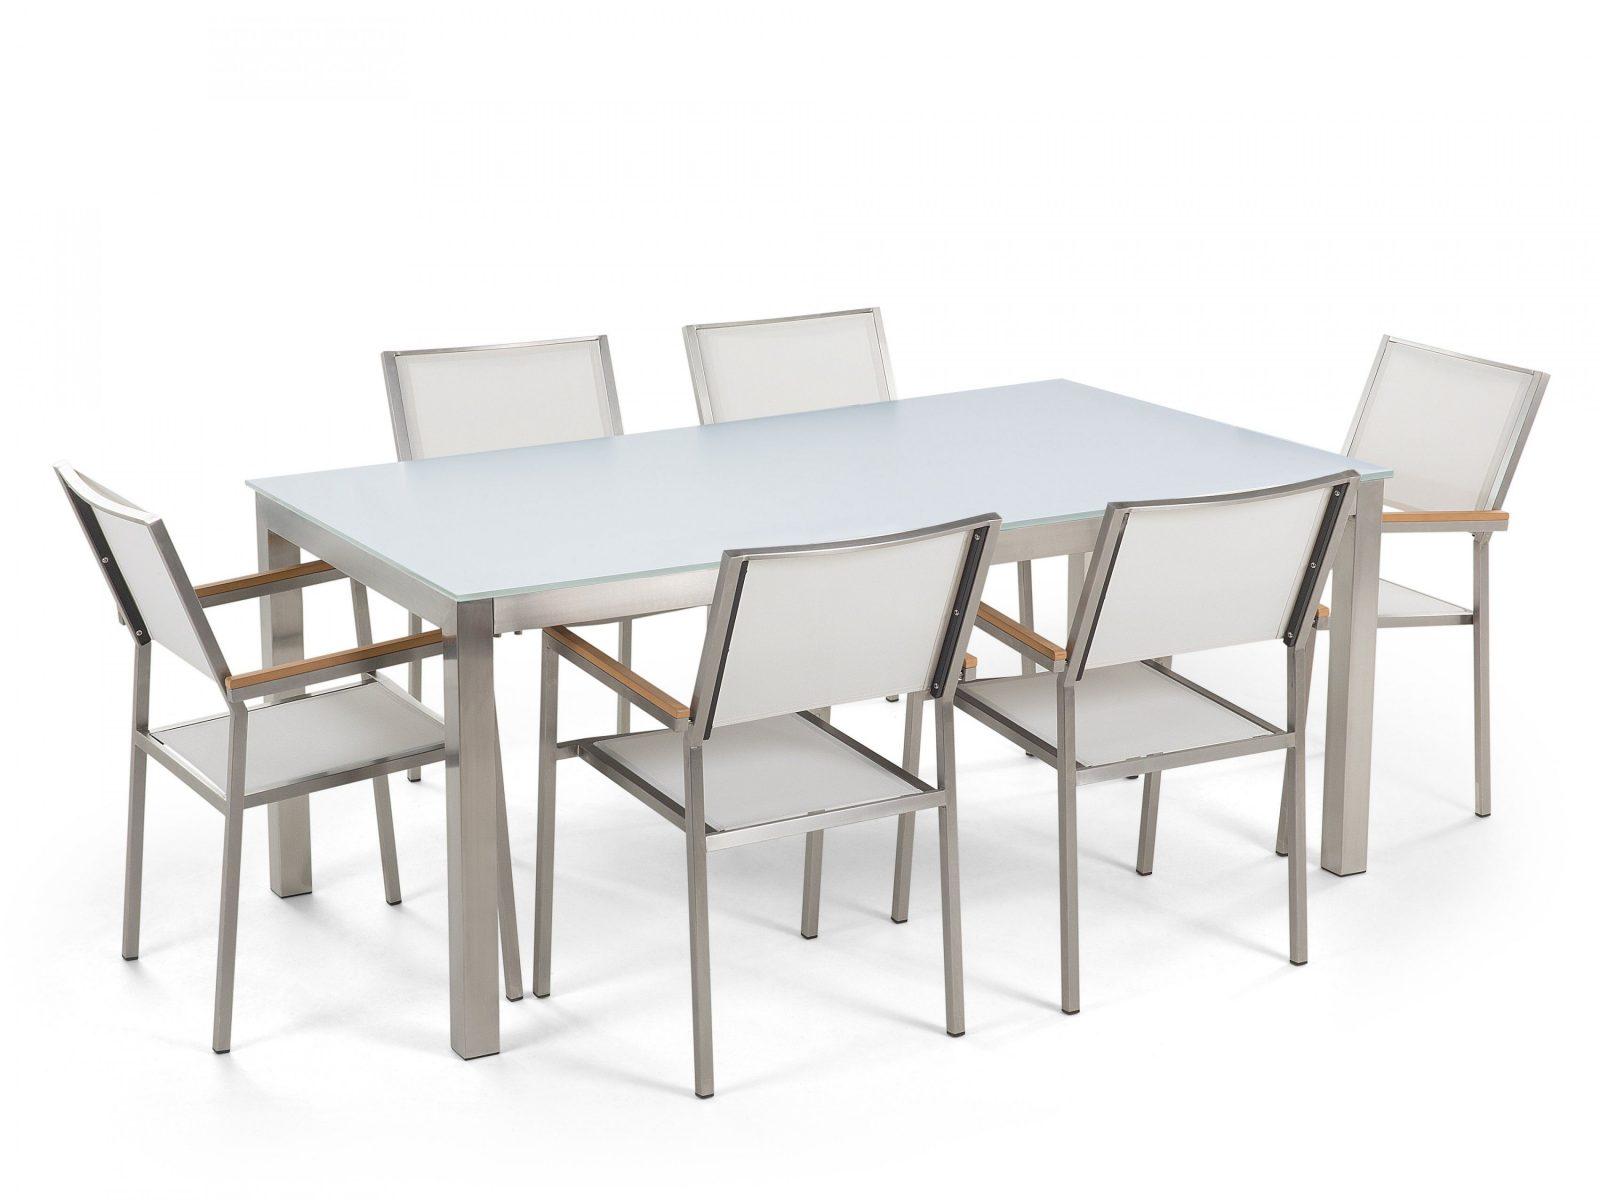 Gartenmöbel Set Glasplatte Weiss 180 X 90 Cm 6Sitzer Stühle von Gartentisch Mit 6 Stühlen Photo